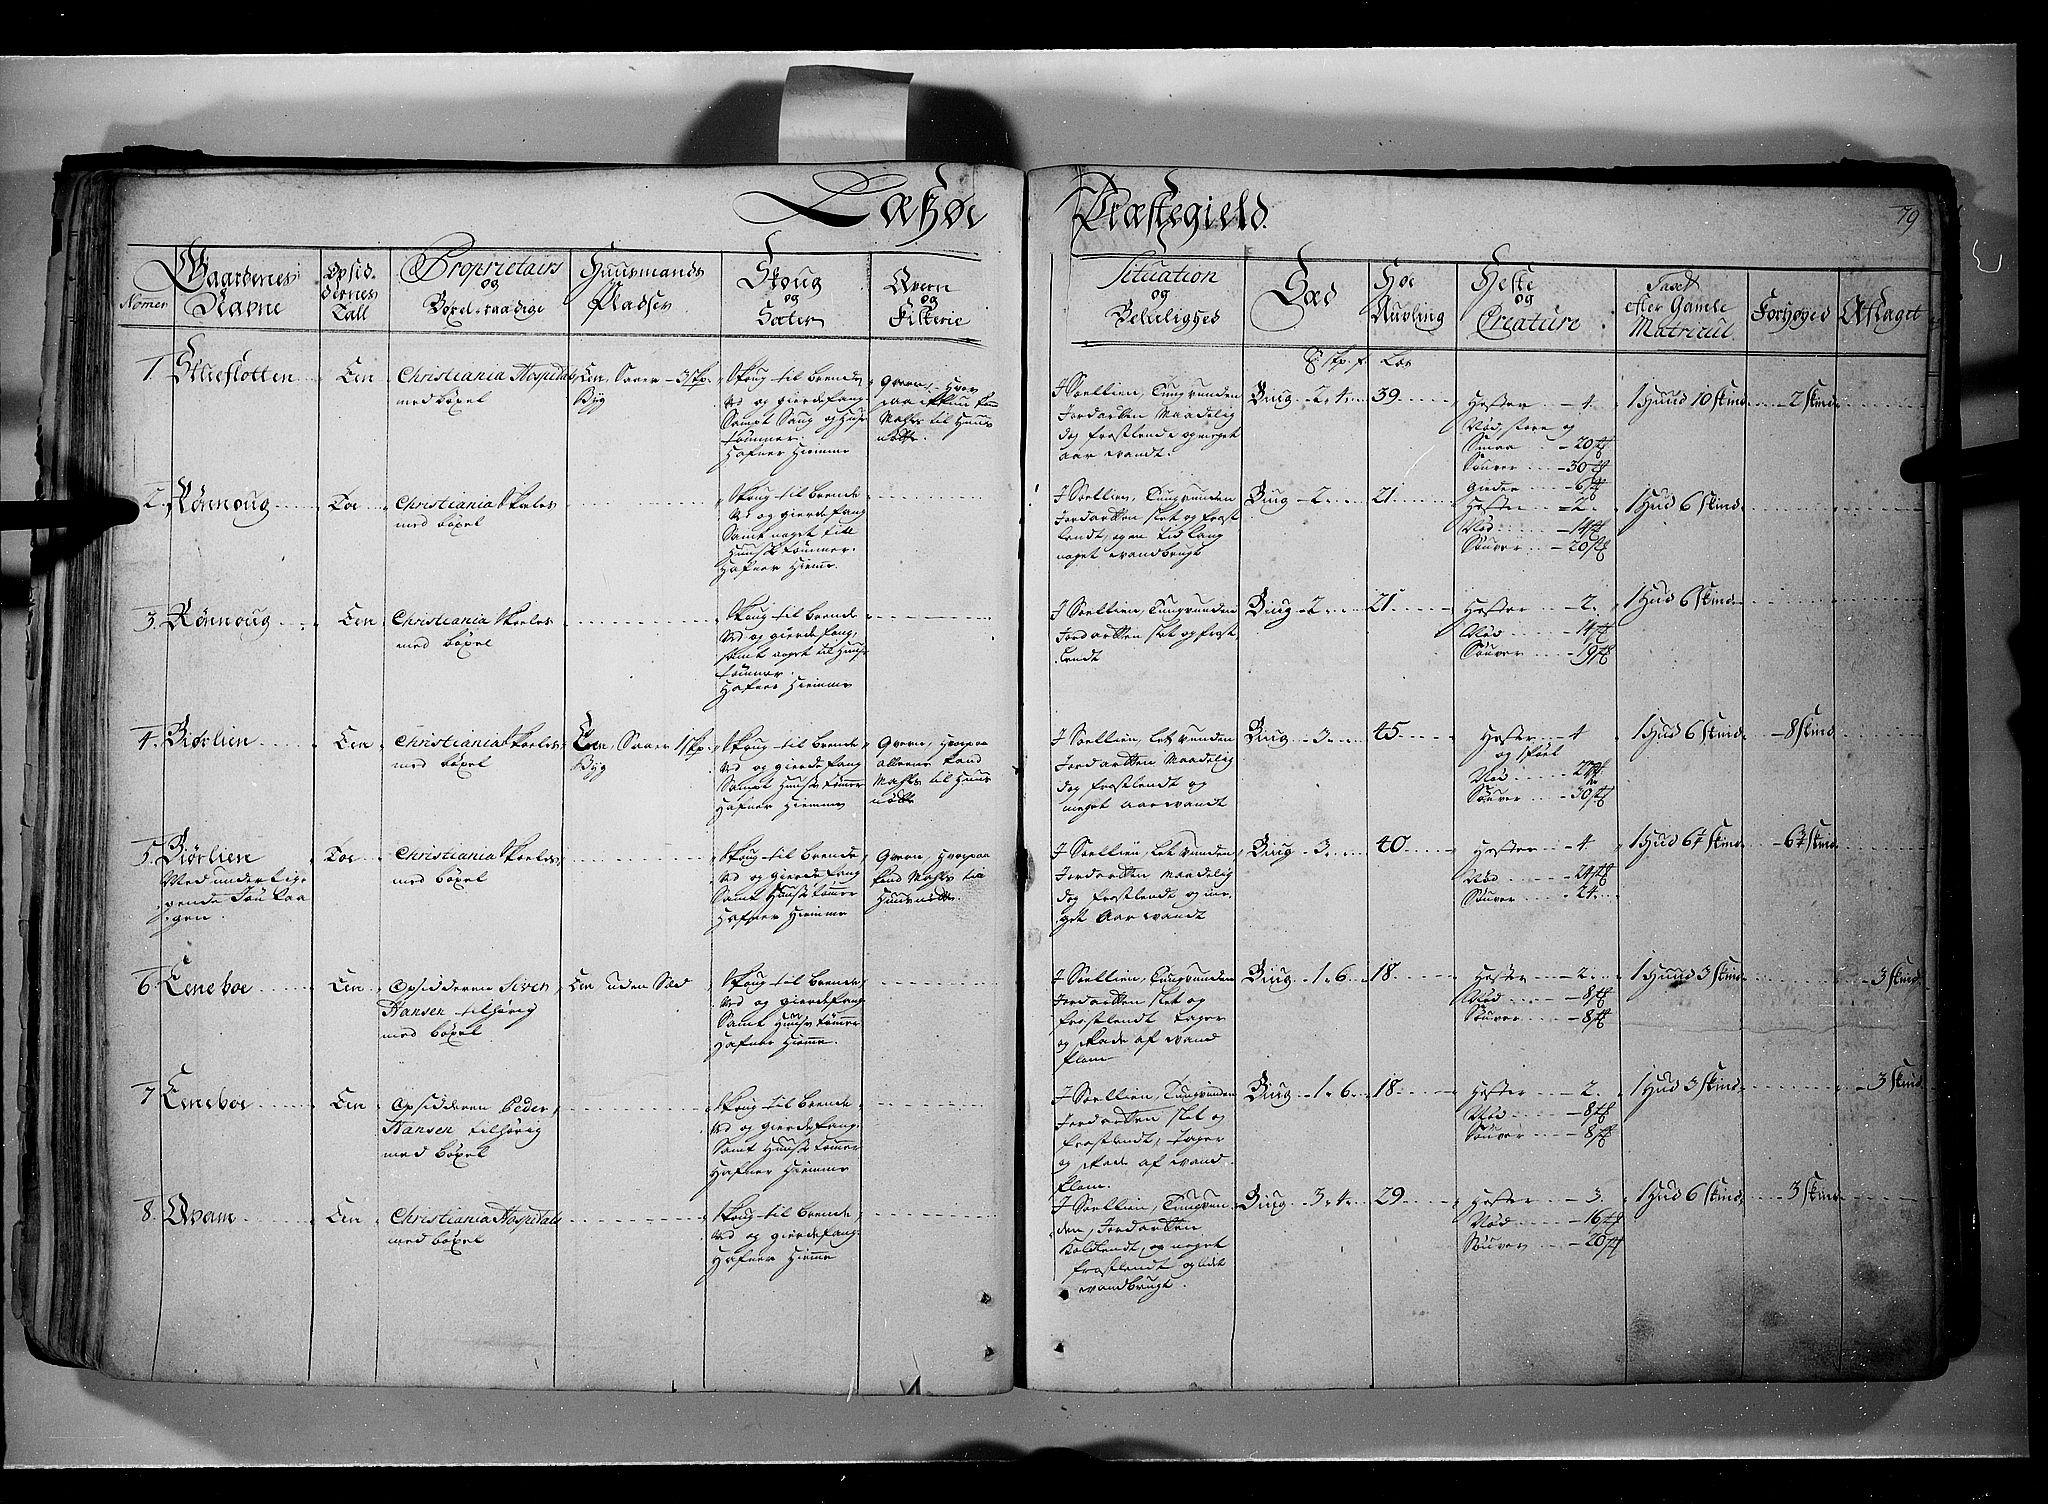 RA, Rentekammeret inntil 1814, Realistisk ordnet avdeling, N/Nb/Nbf/L0107: Gudbrandsdalen eksaminasjonsprotokoll, 1723, s. 78b-79a